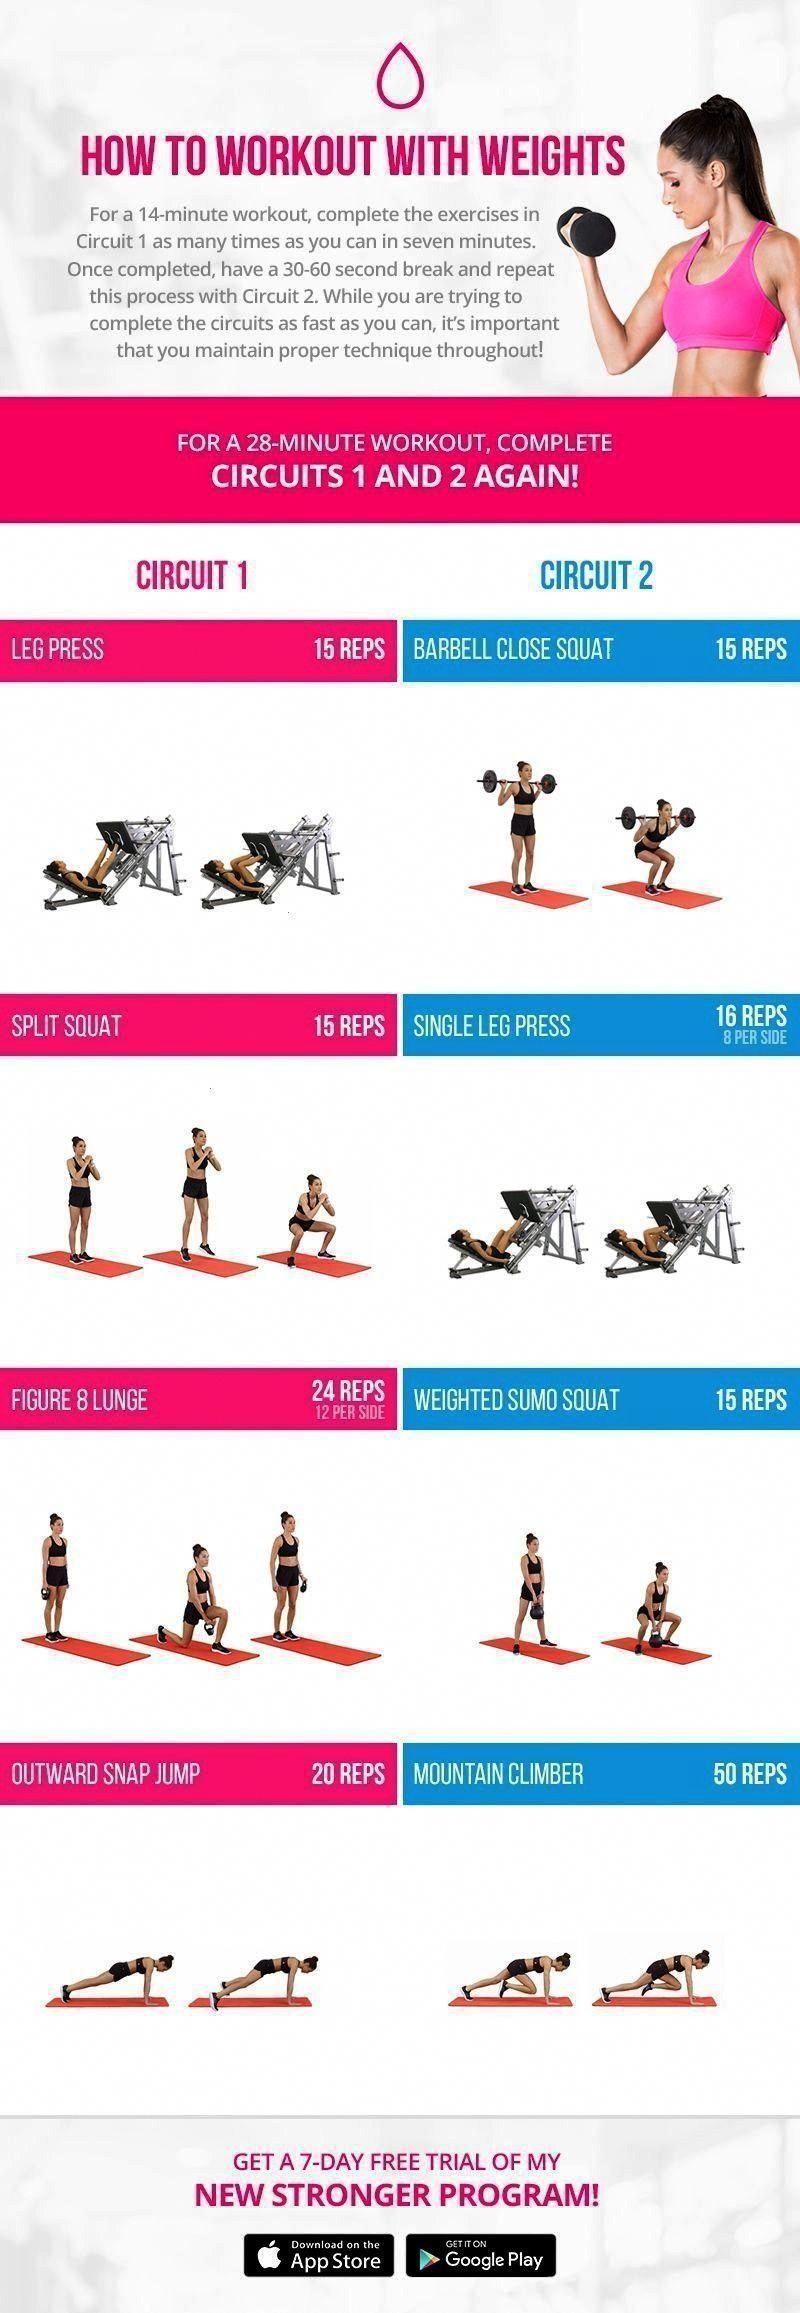 #Legs #essential #fitness Programm zu Hause ohne Ausrüstung #gym # Geräte -  #Legs #wesentlich #fitn...